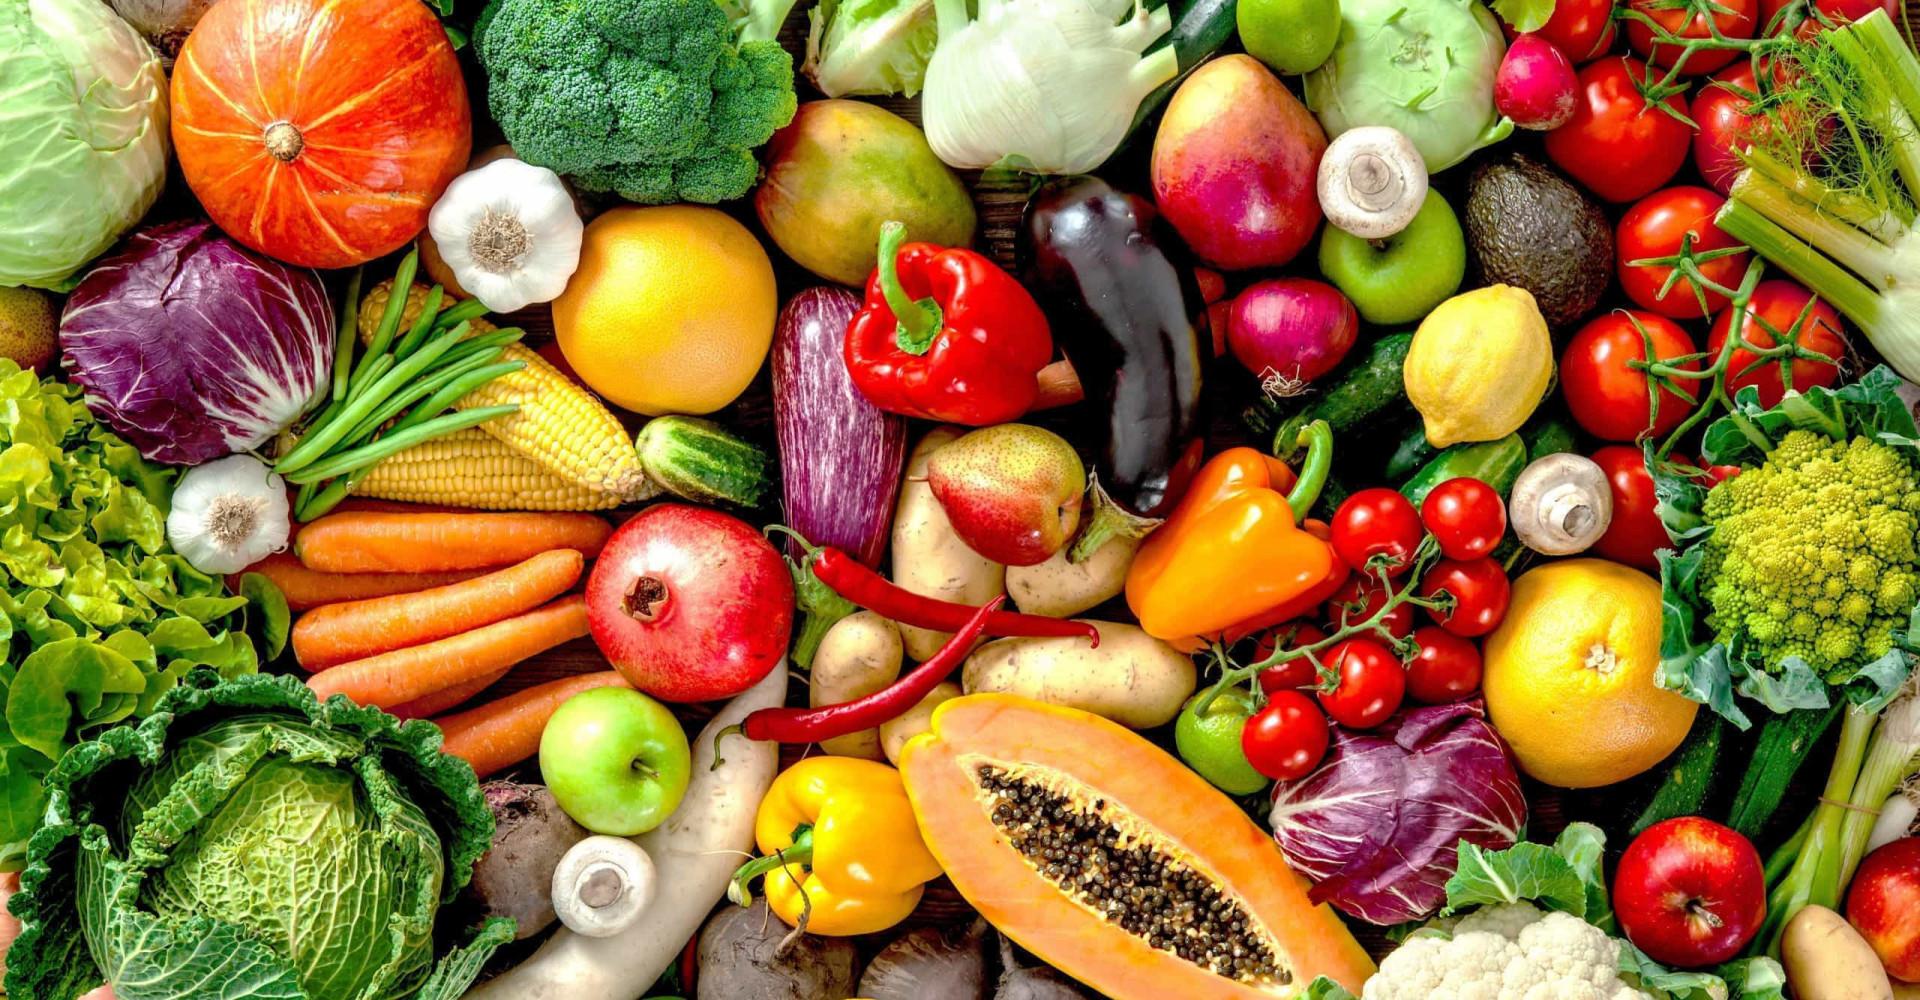 De estos 12 alimentos, ¿cuál crees que es el más sano?